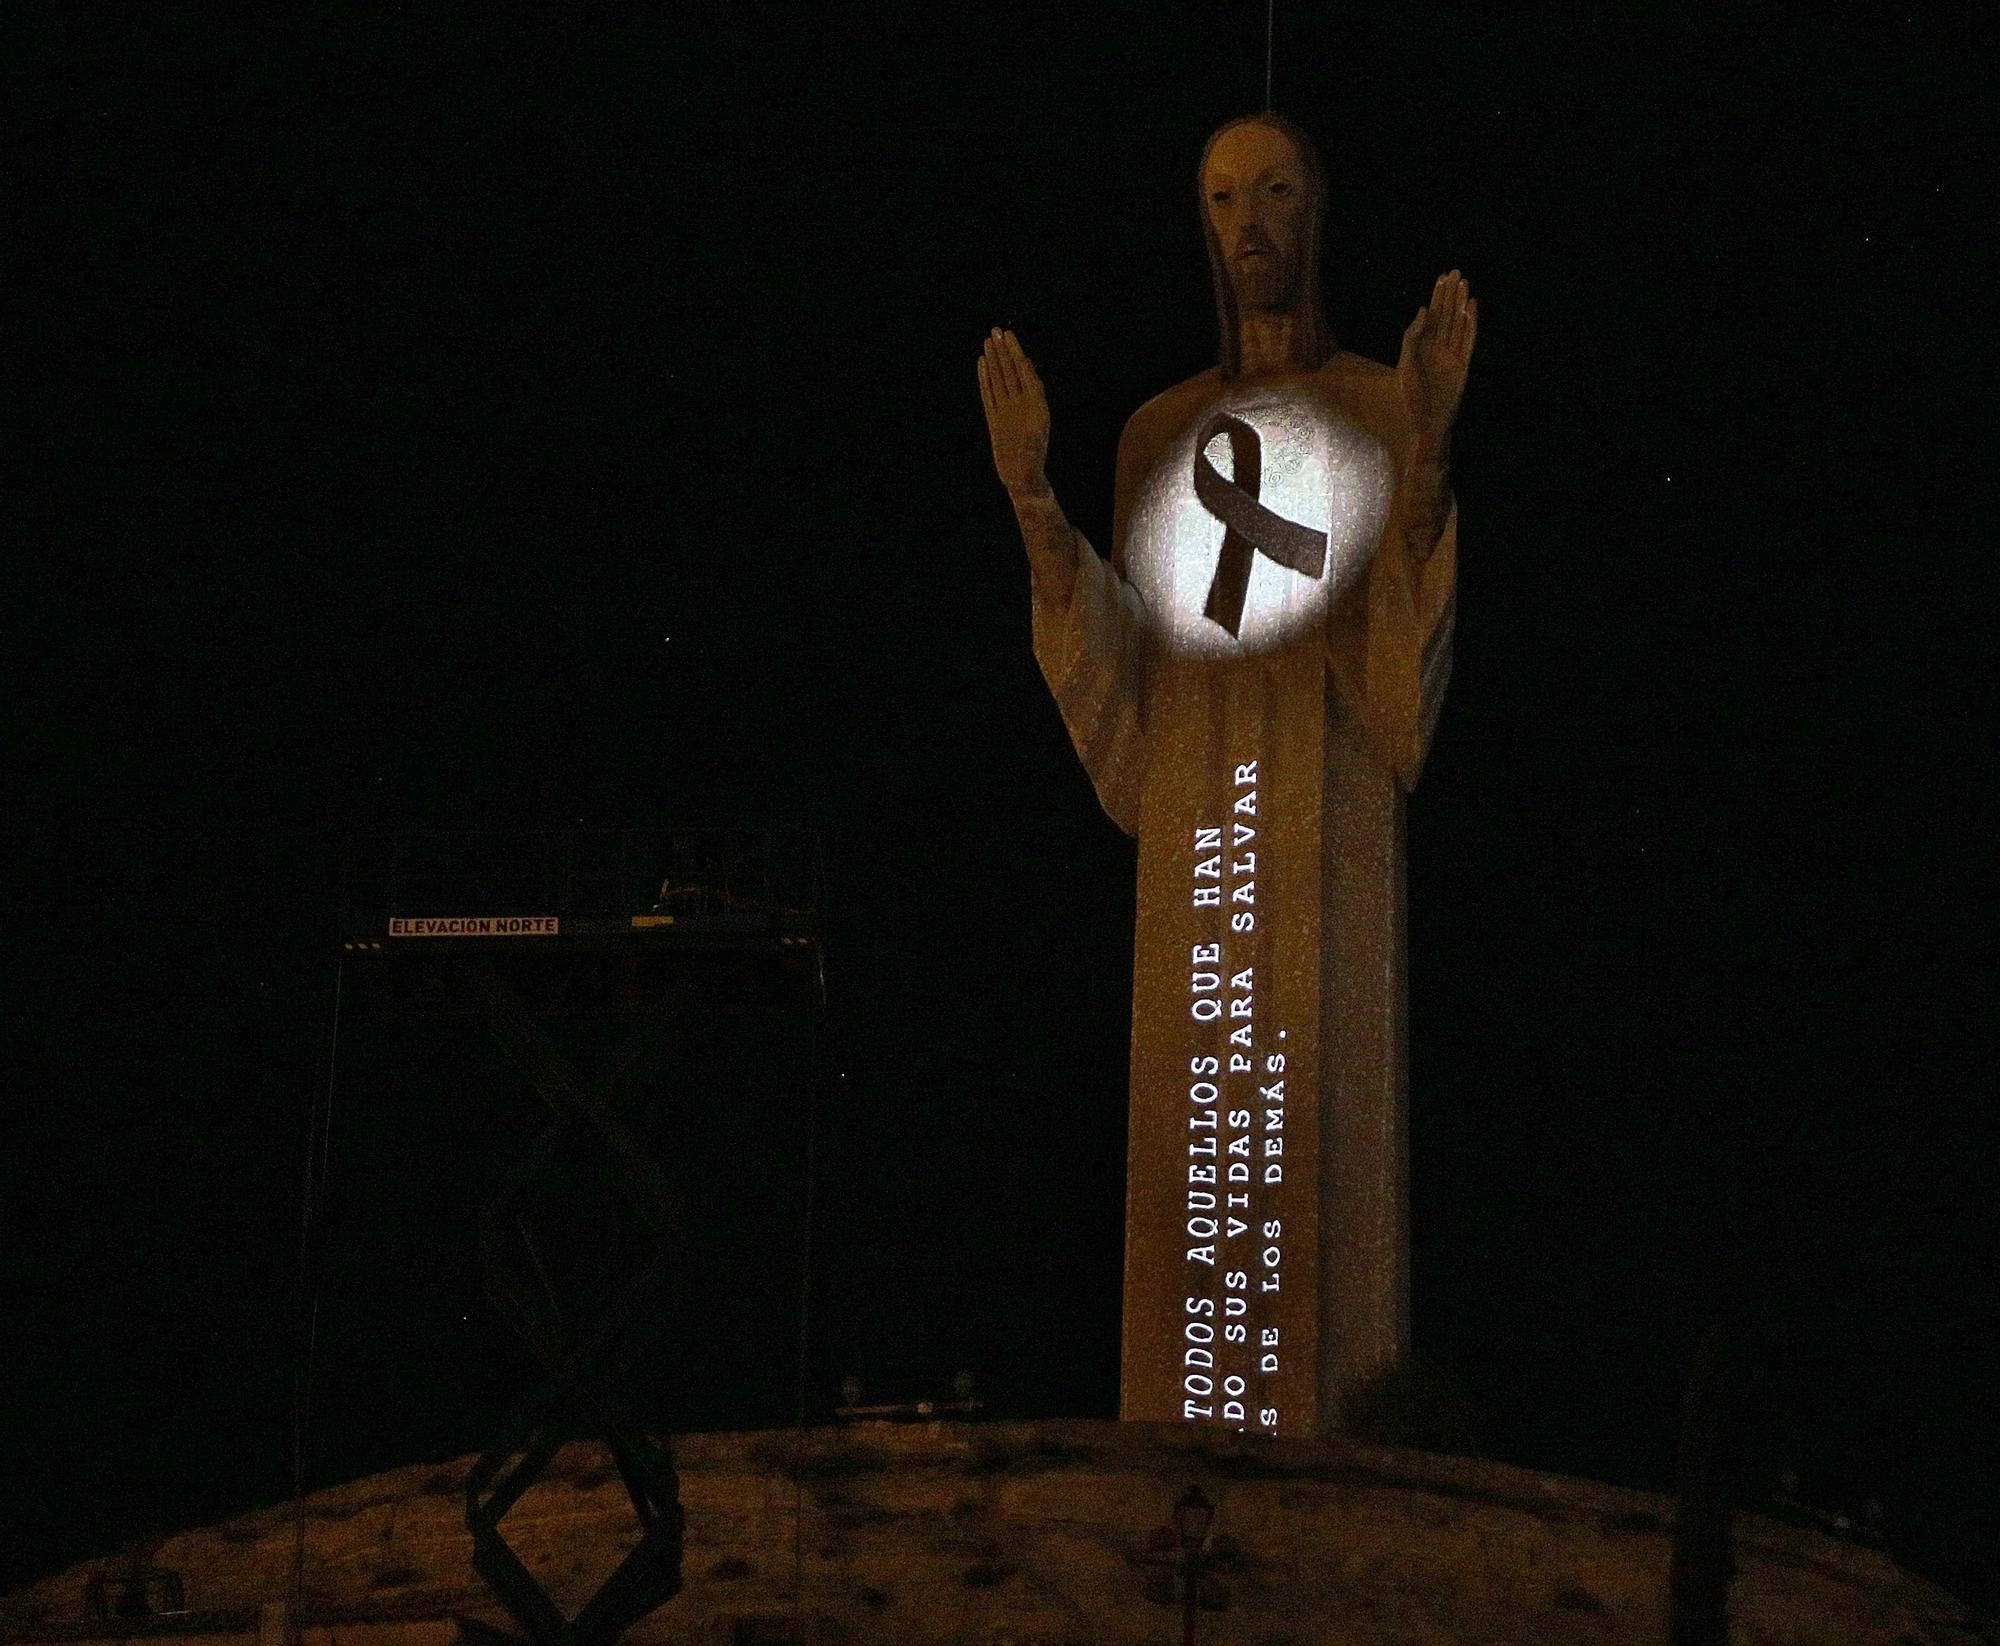 Así fue el espectacular videomapping sobre el Cristo de Otero de Palencia